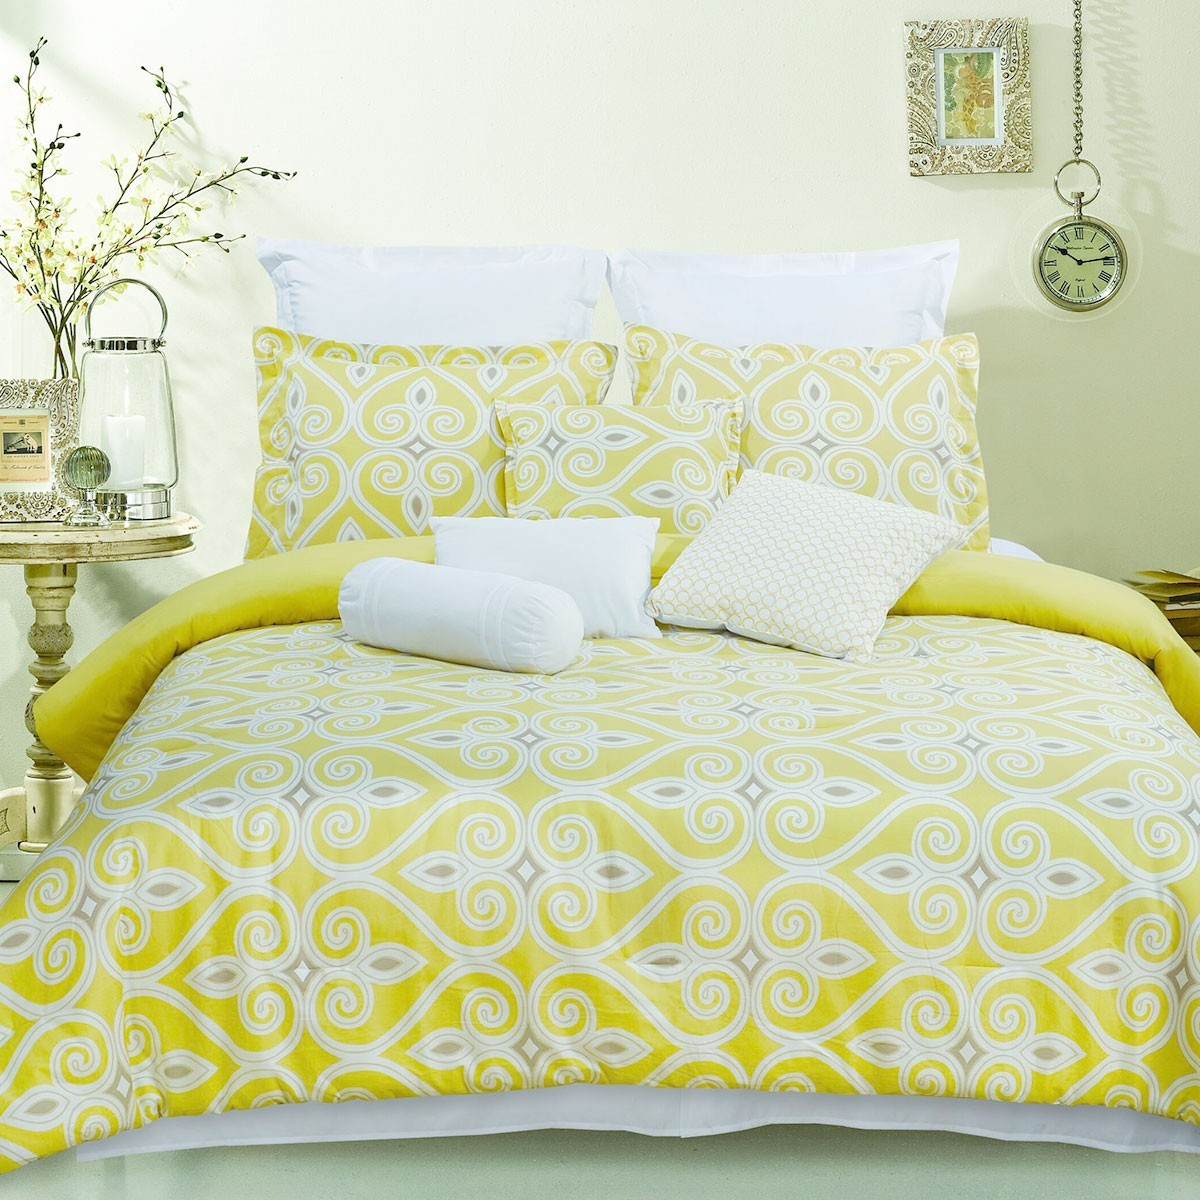 10-Piece Comforter Set in Yellow (DK-LJ002)